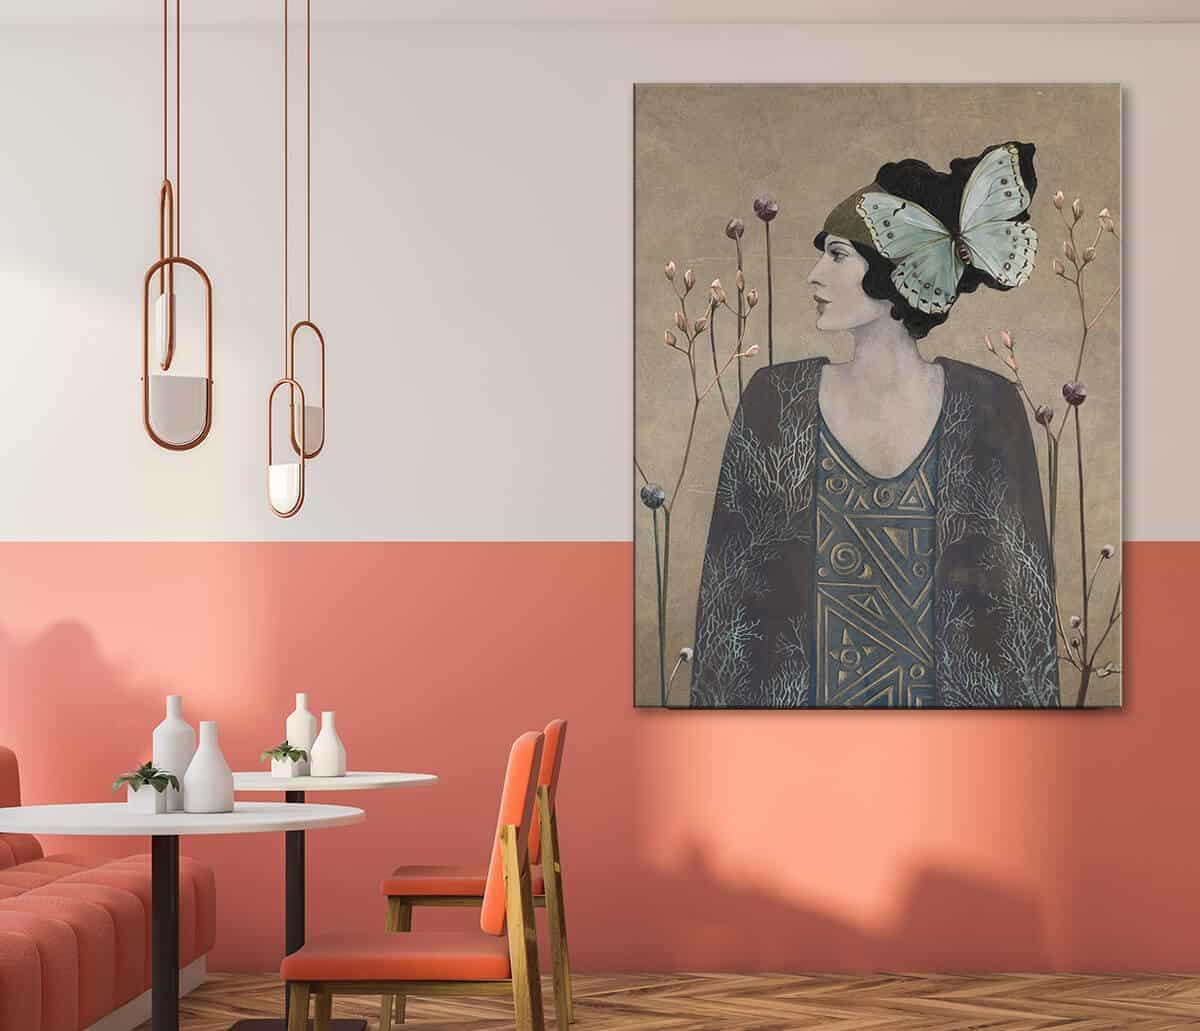 Kawiarnia urządzona w stylu modernistycznym na ścianie duży obraz na płótnie Kobieta